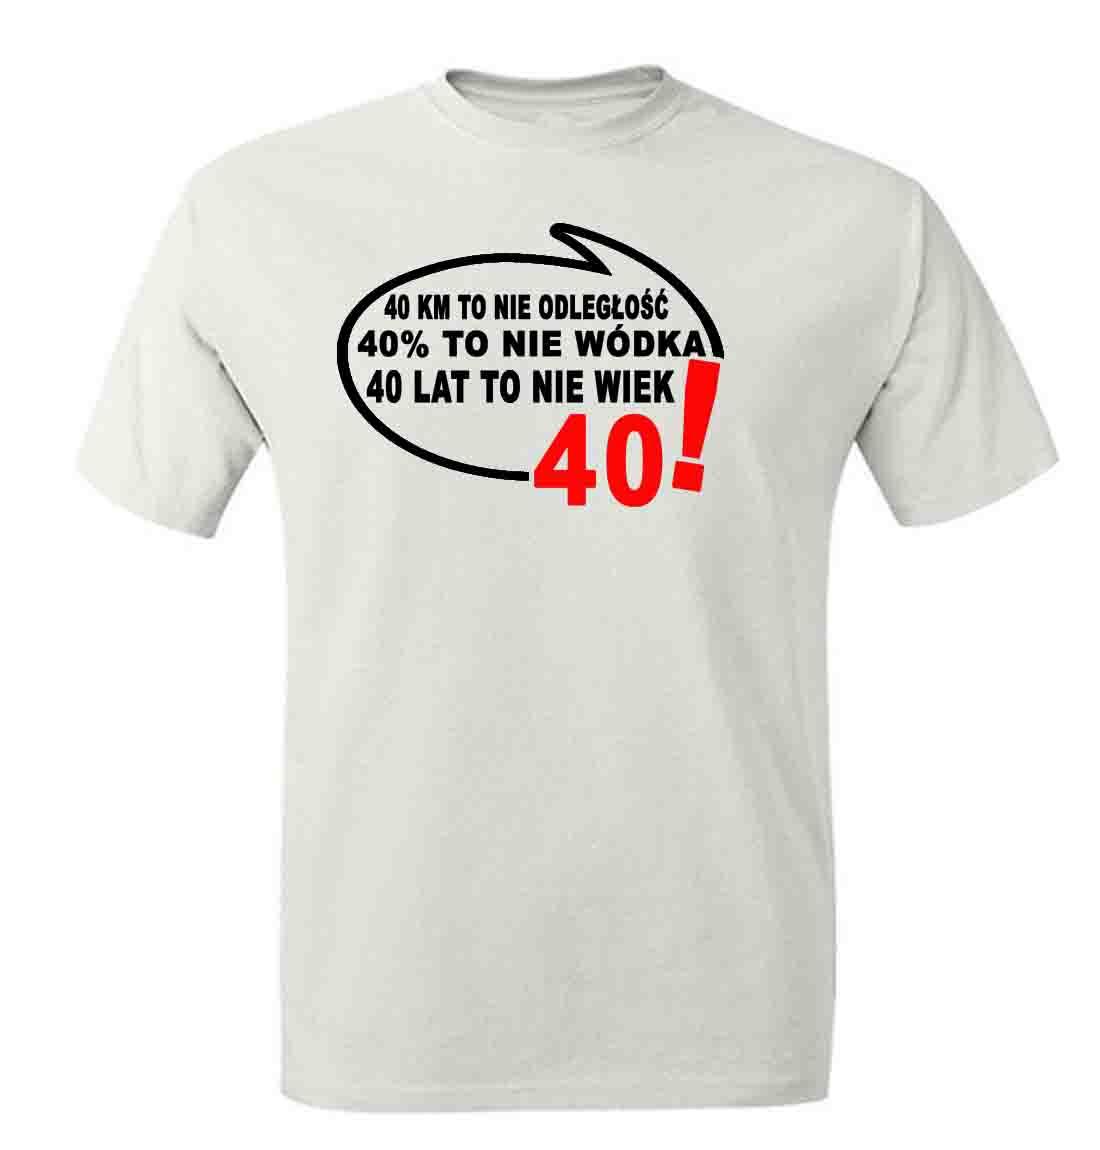 da976c3979486a Strona głównaKoszulki Na Specjalne OkazjeKoszulki na 40 urodziny Koszulka z nadrukiem  prezent ...